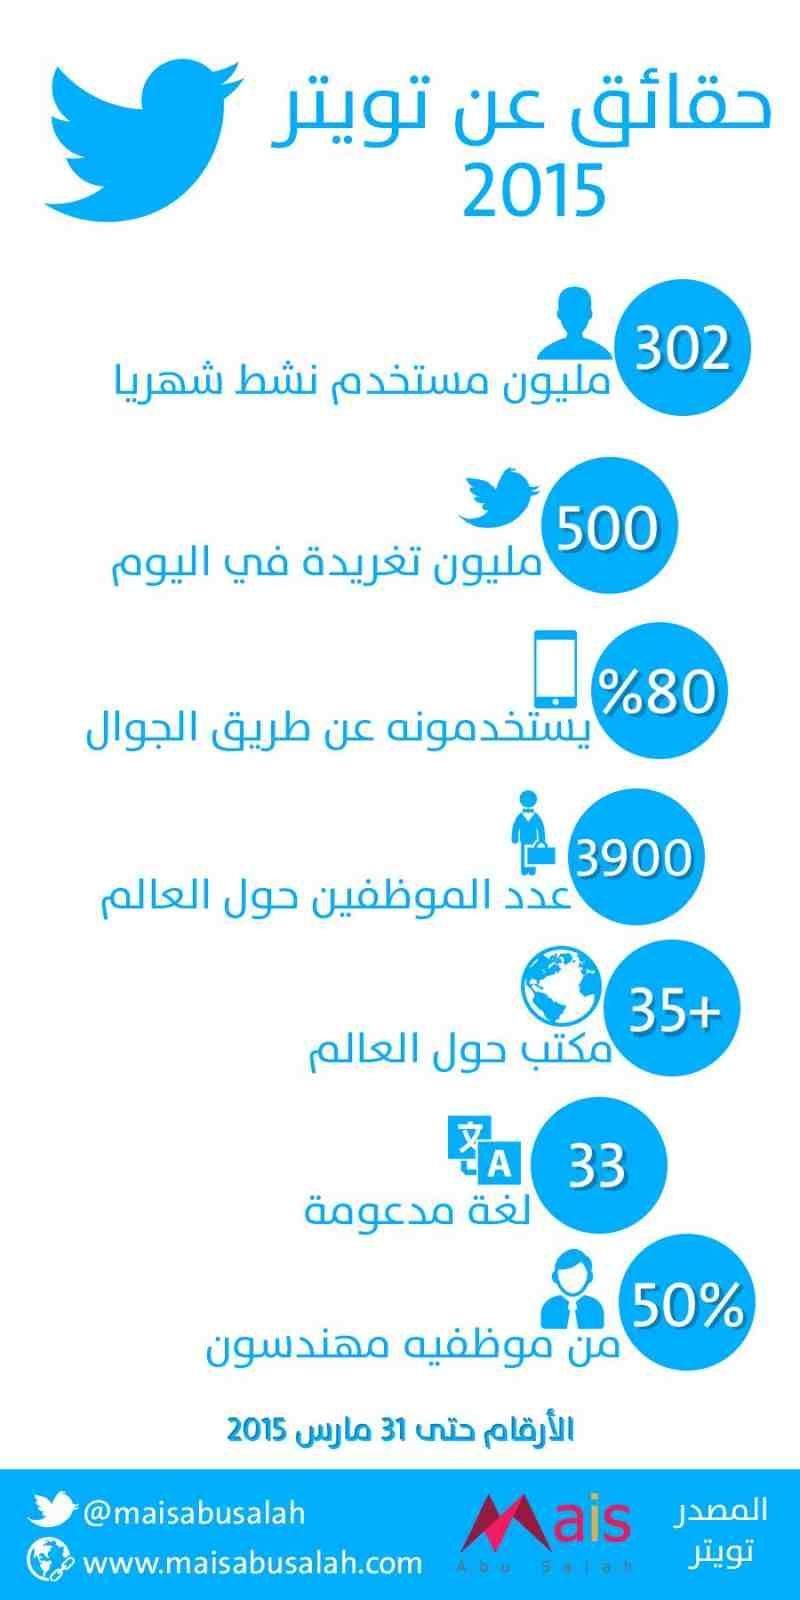 مدونة ميس أبوصلاح انفوجرافيك وإعلام اجتماعي حقائق عن تويتر 2015 انفوجرافيك Words Quotes Infographic Words